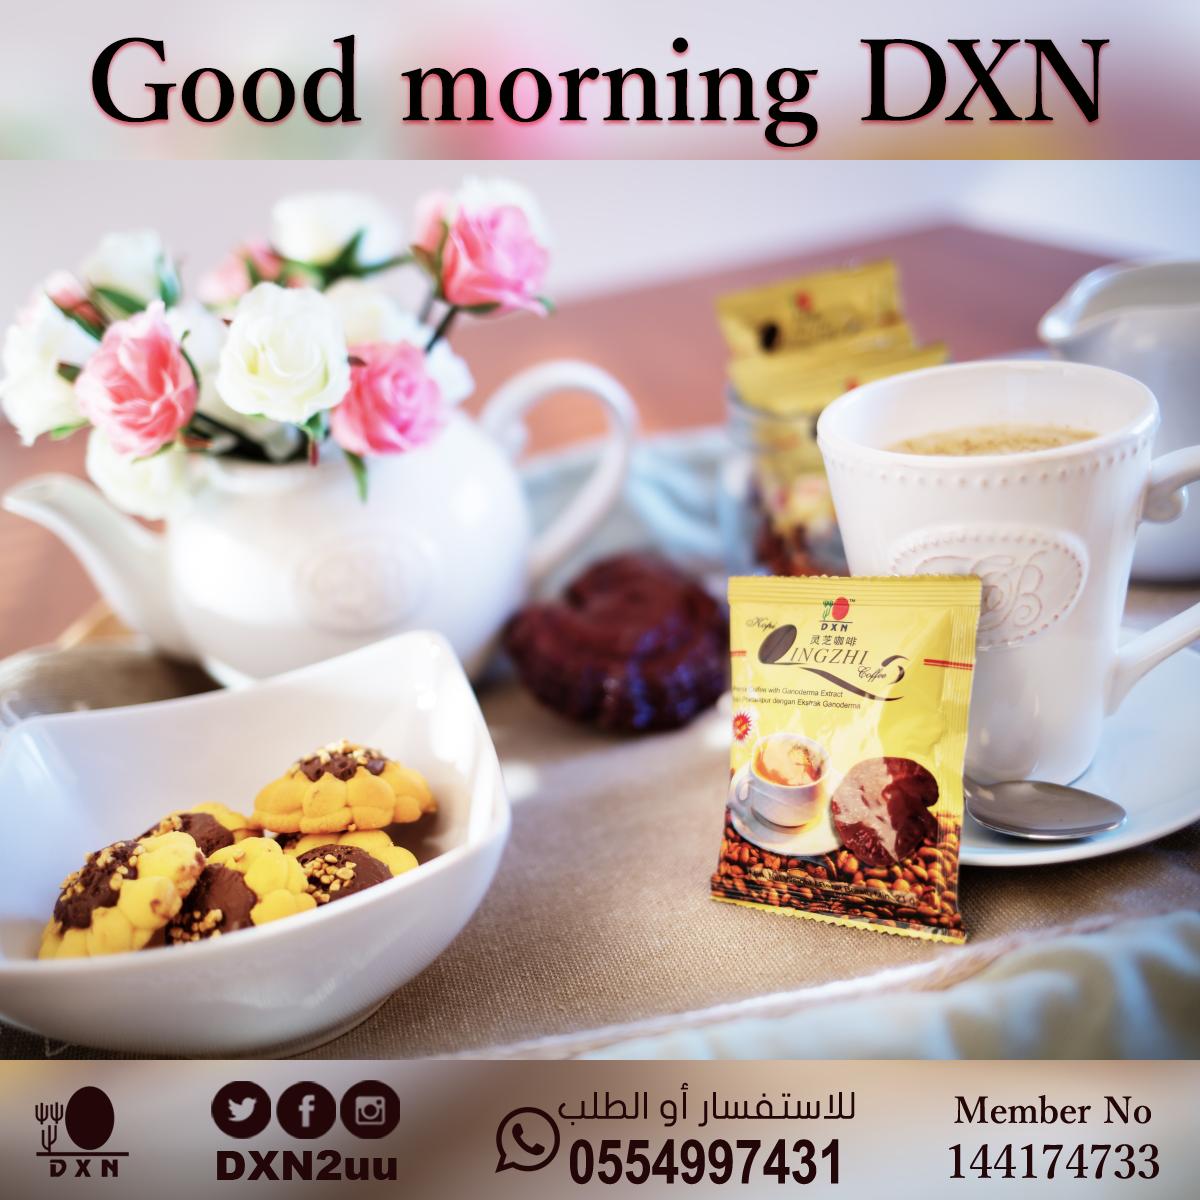 Good morning DXN